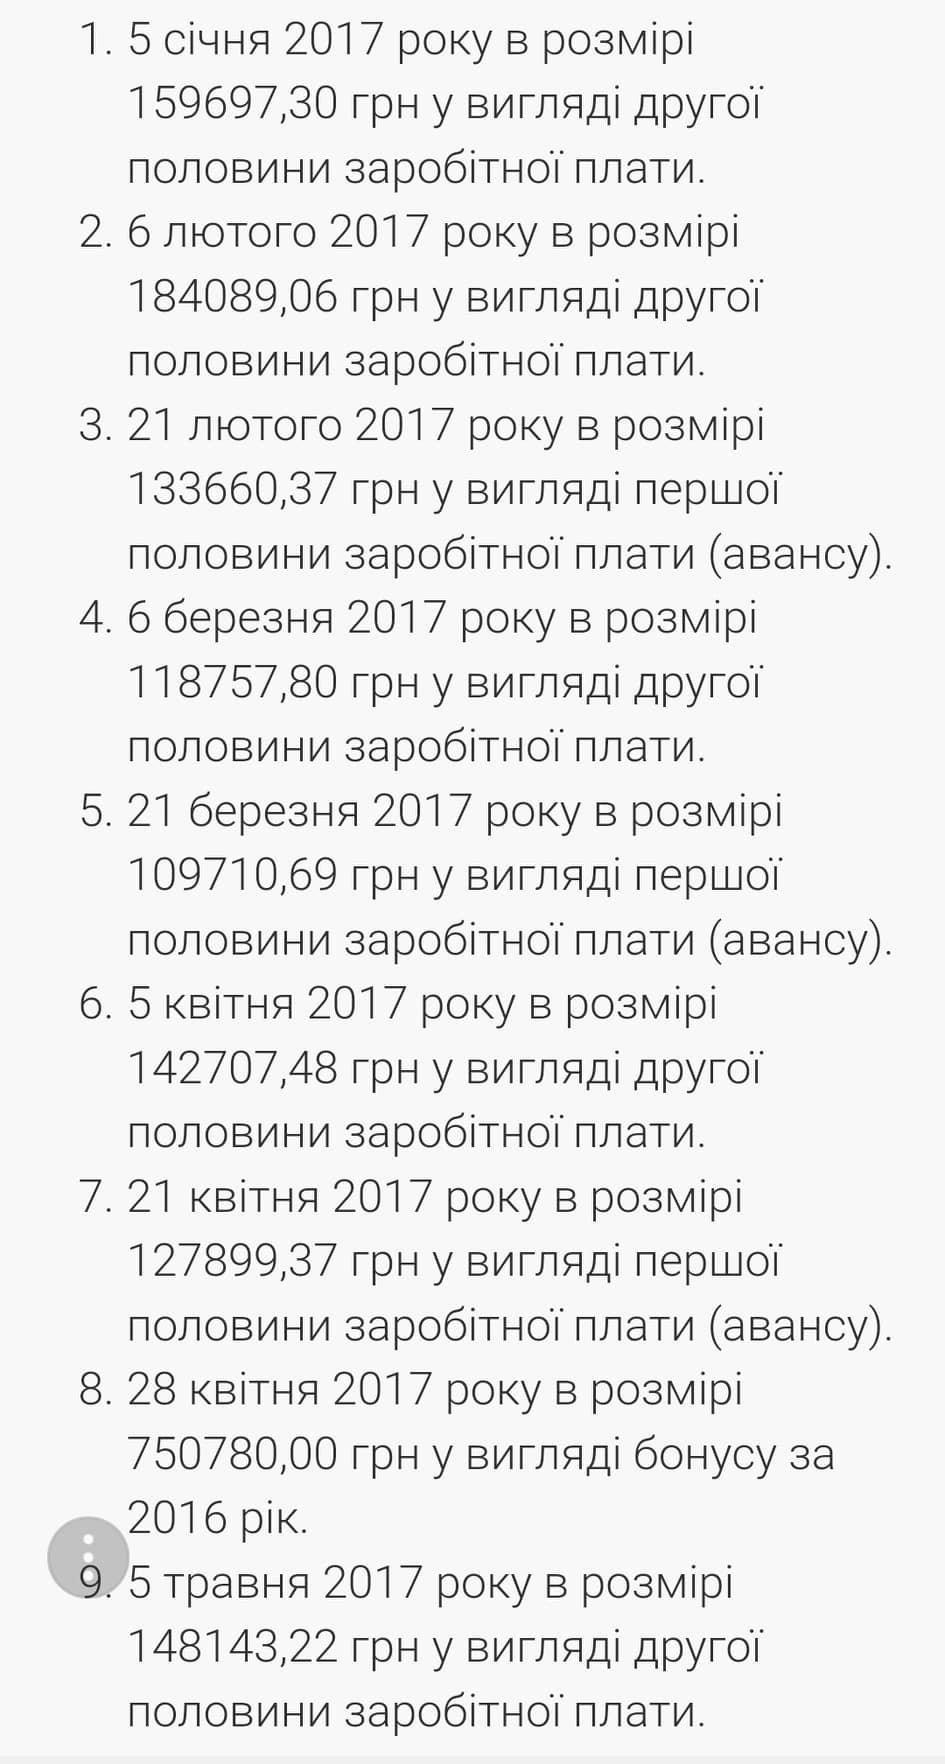 НАПК нашли почти 2 миллиона у еще одного запорожского депутата-заводчанина, фото-1